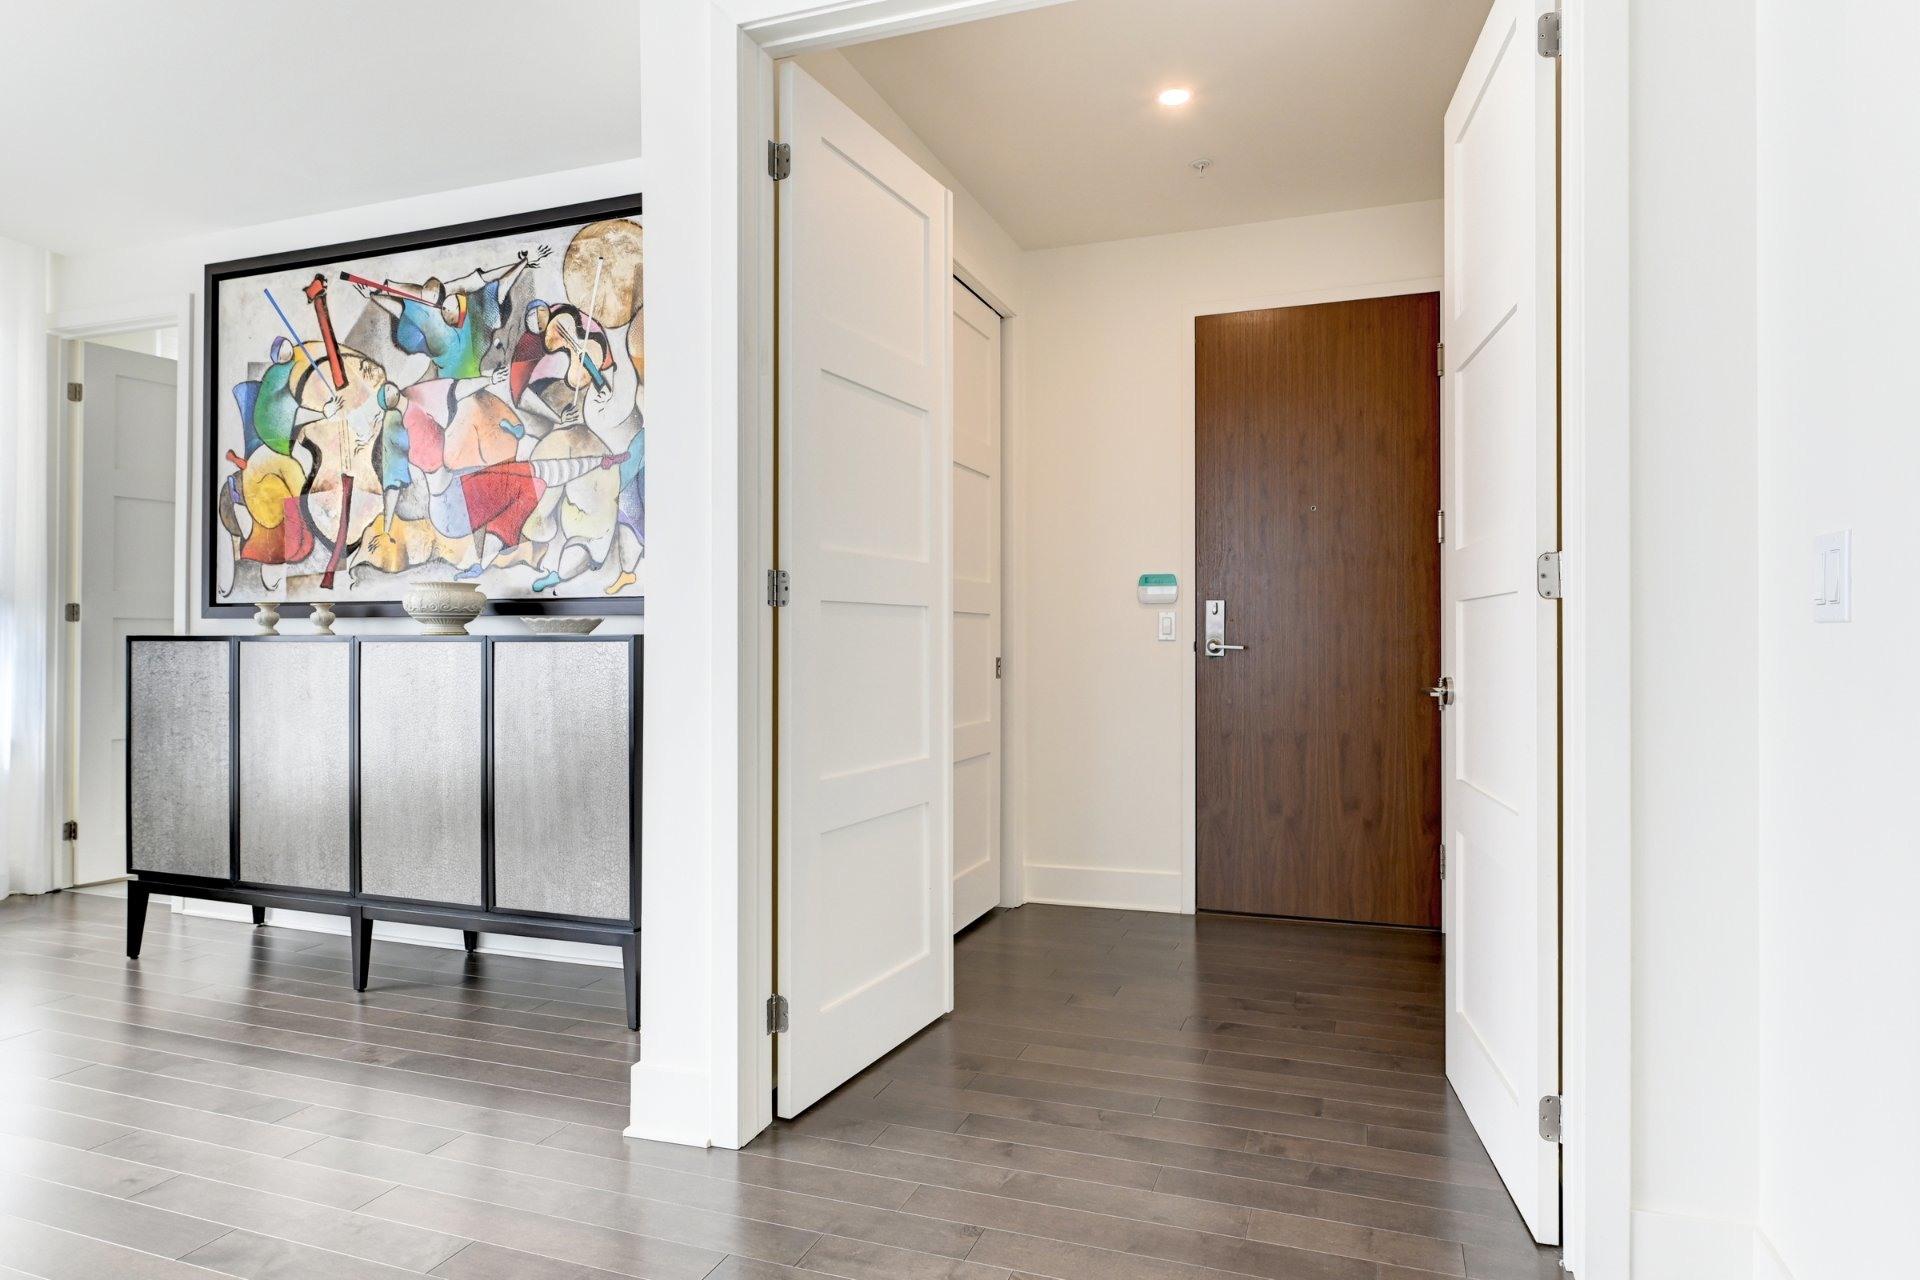 image 35 - Appartement À vendre Côte-des-Neiges/Notre-Dame-de-Grâce Montréal  - 16 pièces